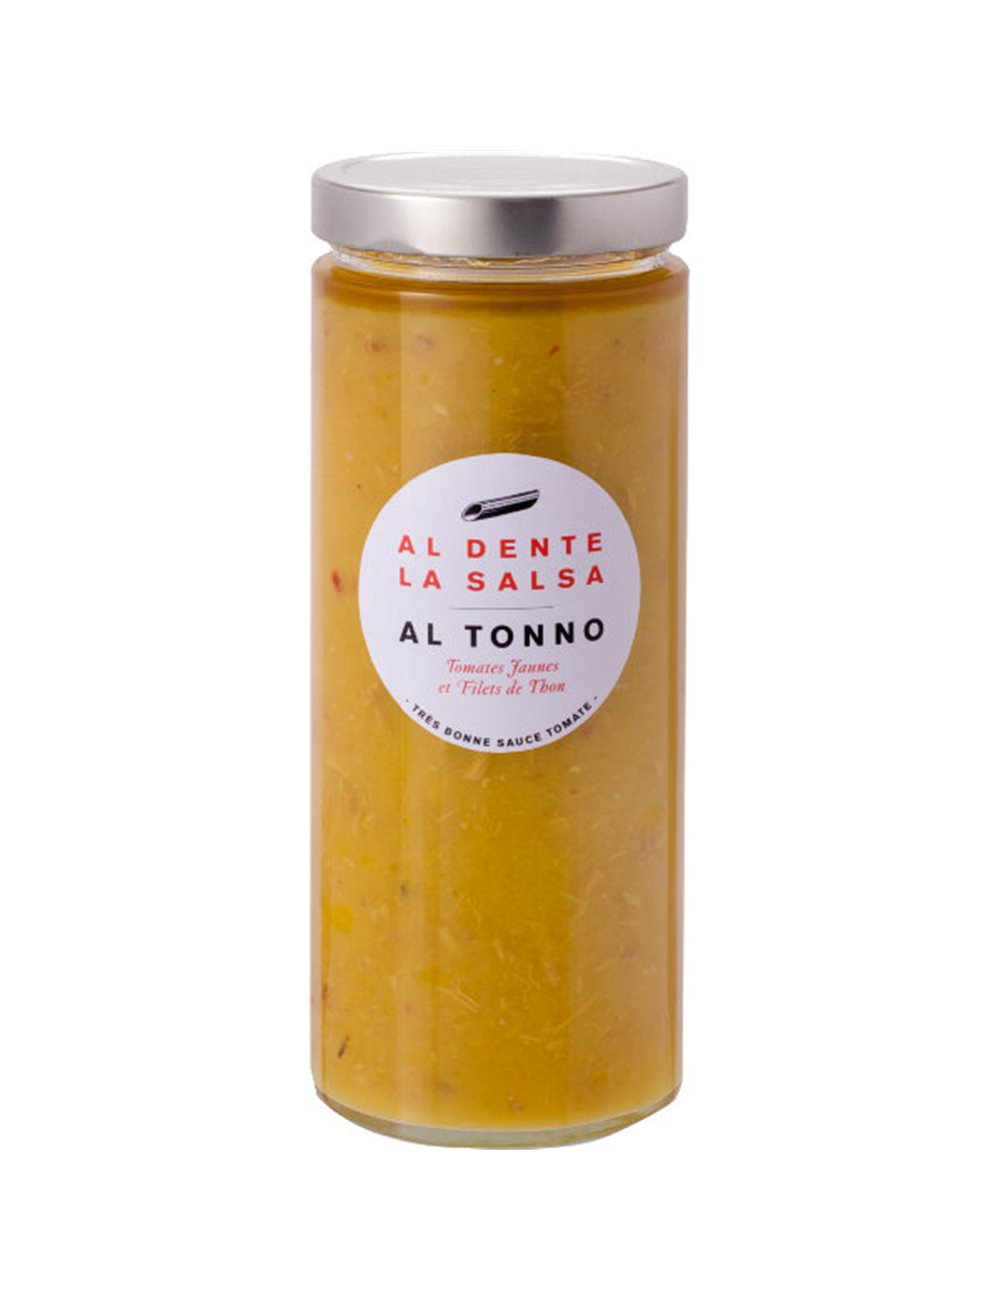 Tomatensaus Tonno met gele kerstomaten 980g